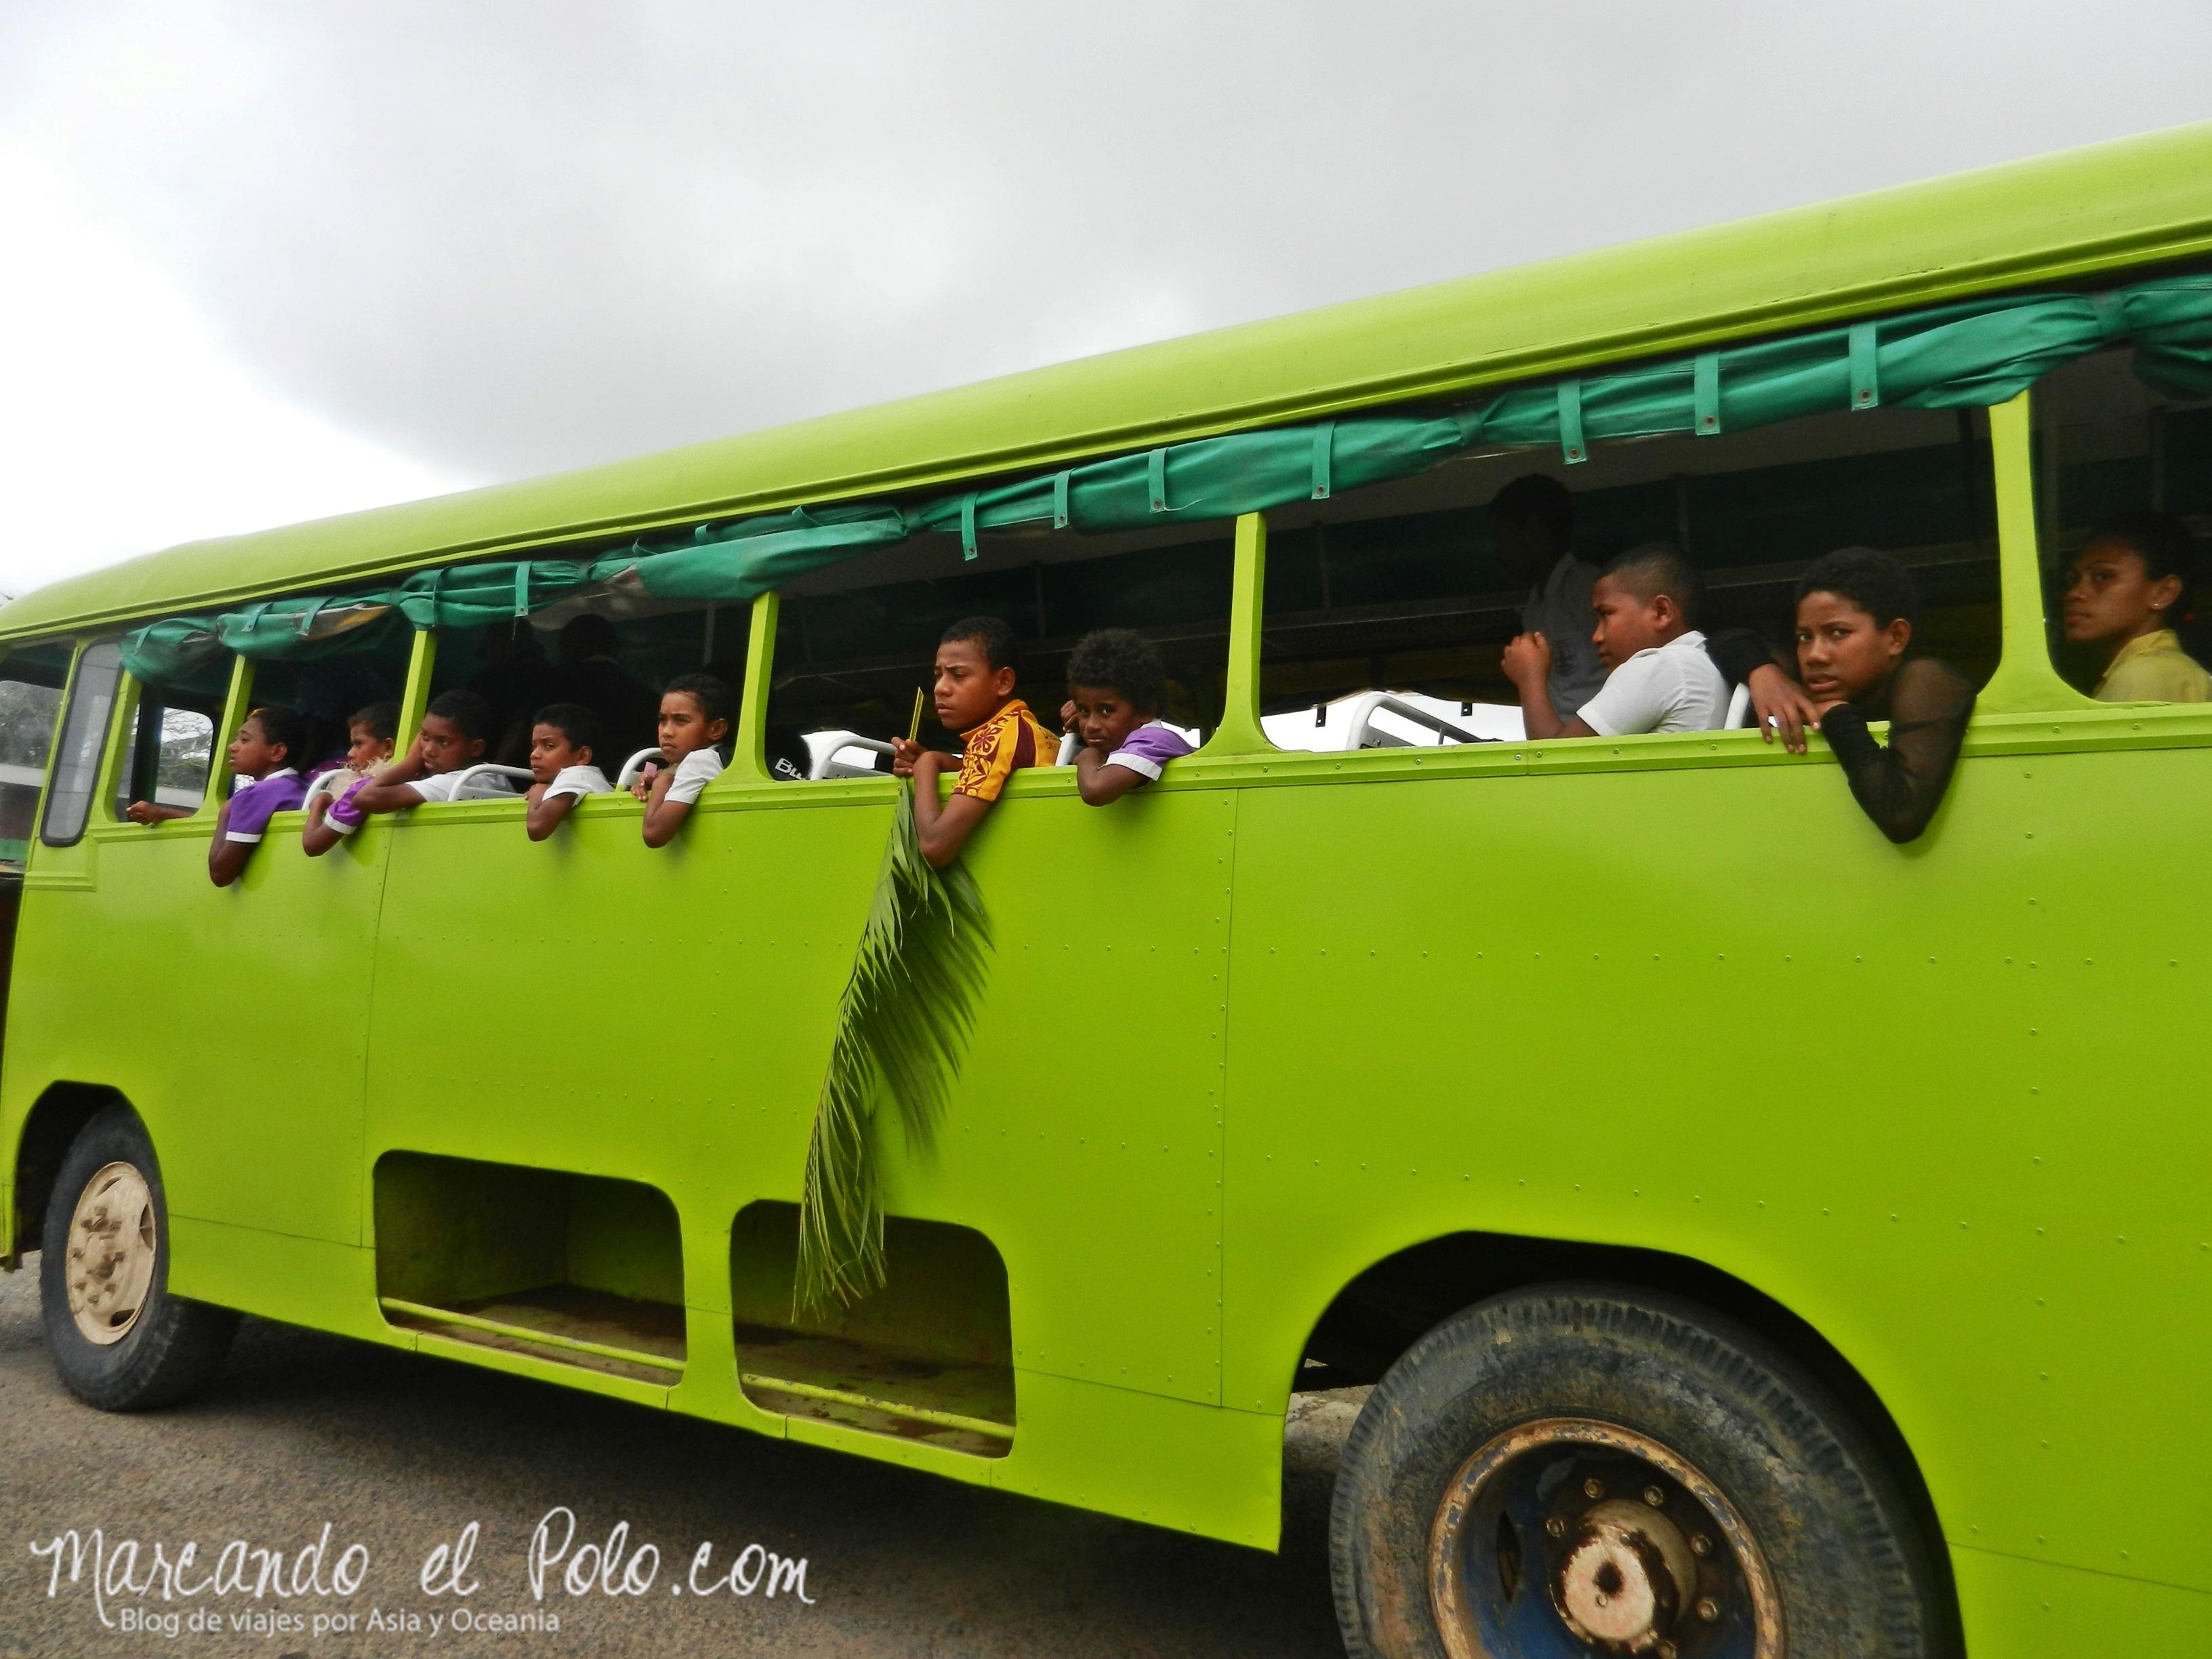 Presupuesto mochilero para viajar a Fiyi | Marcando el Polo